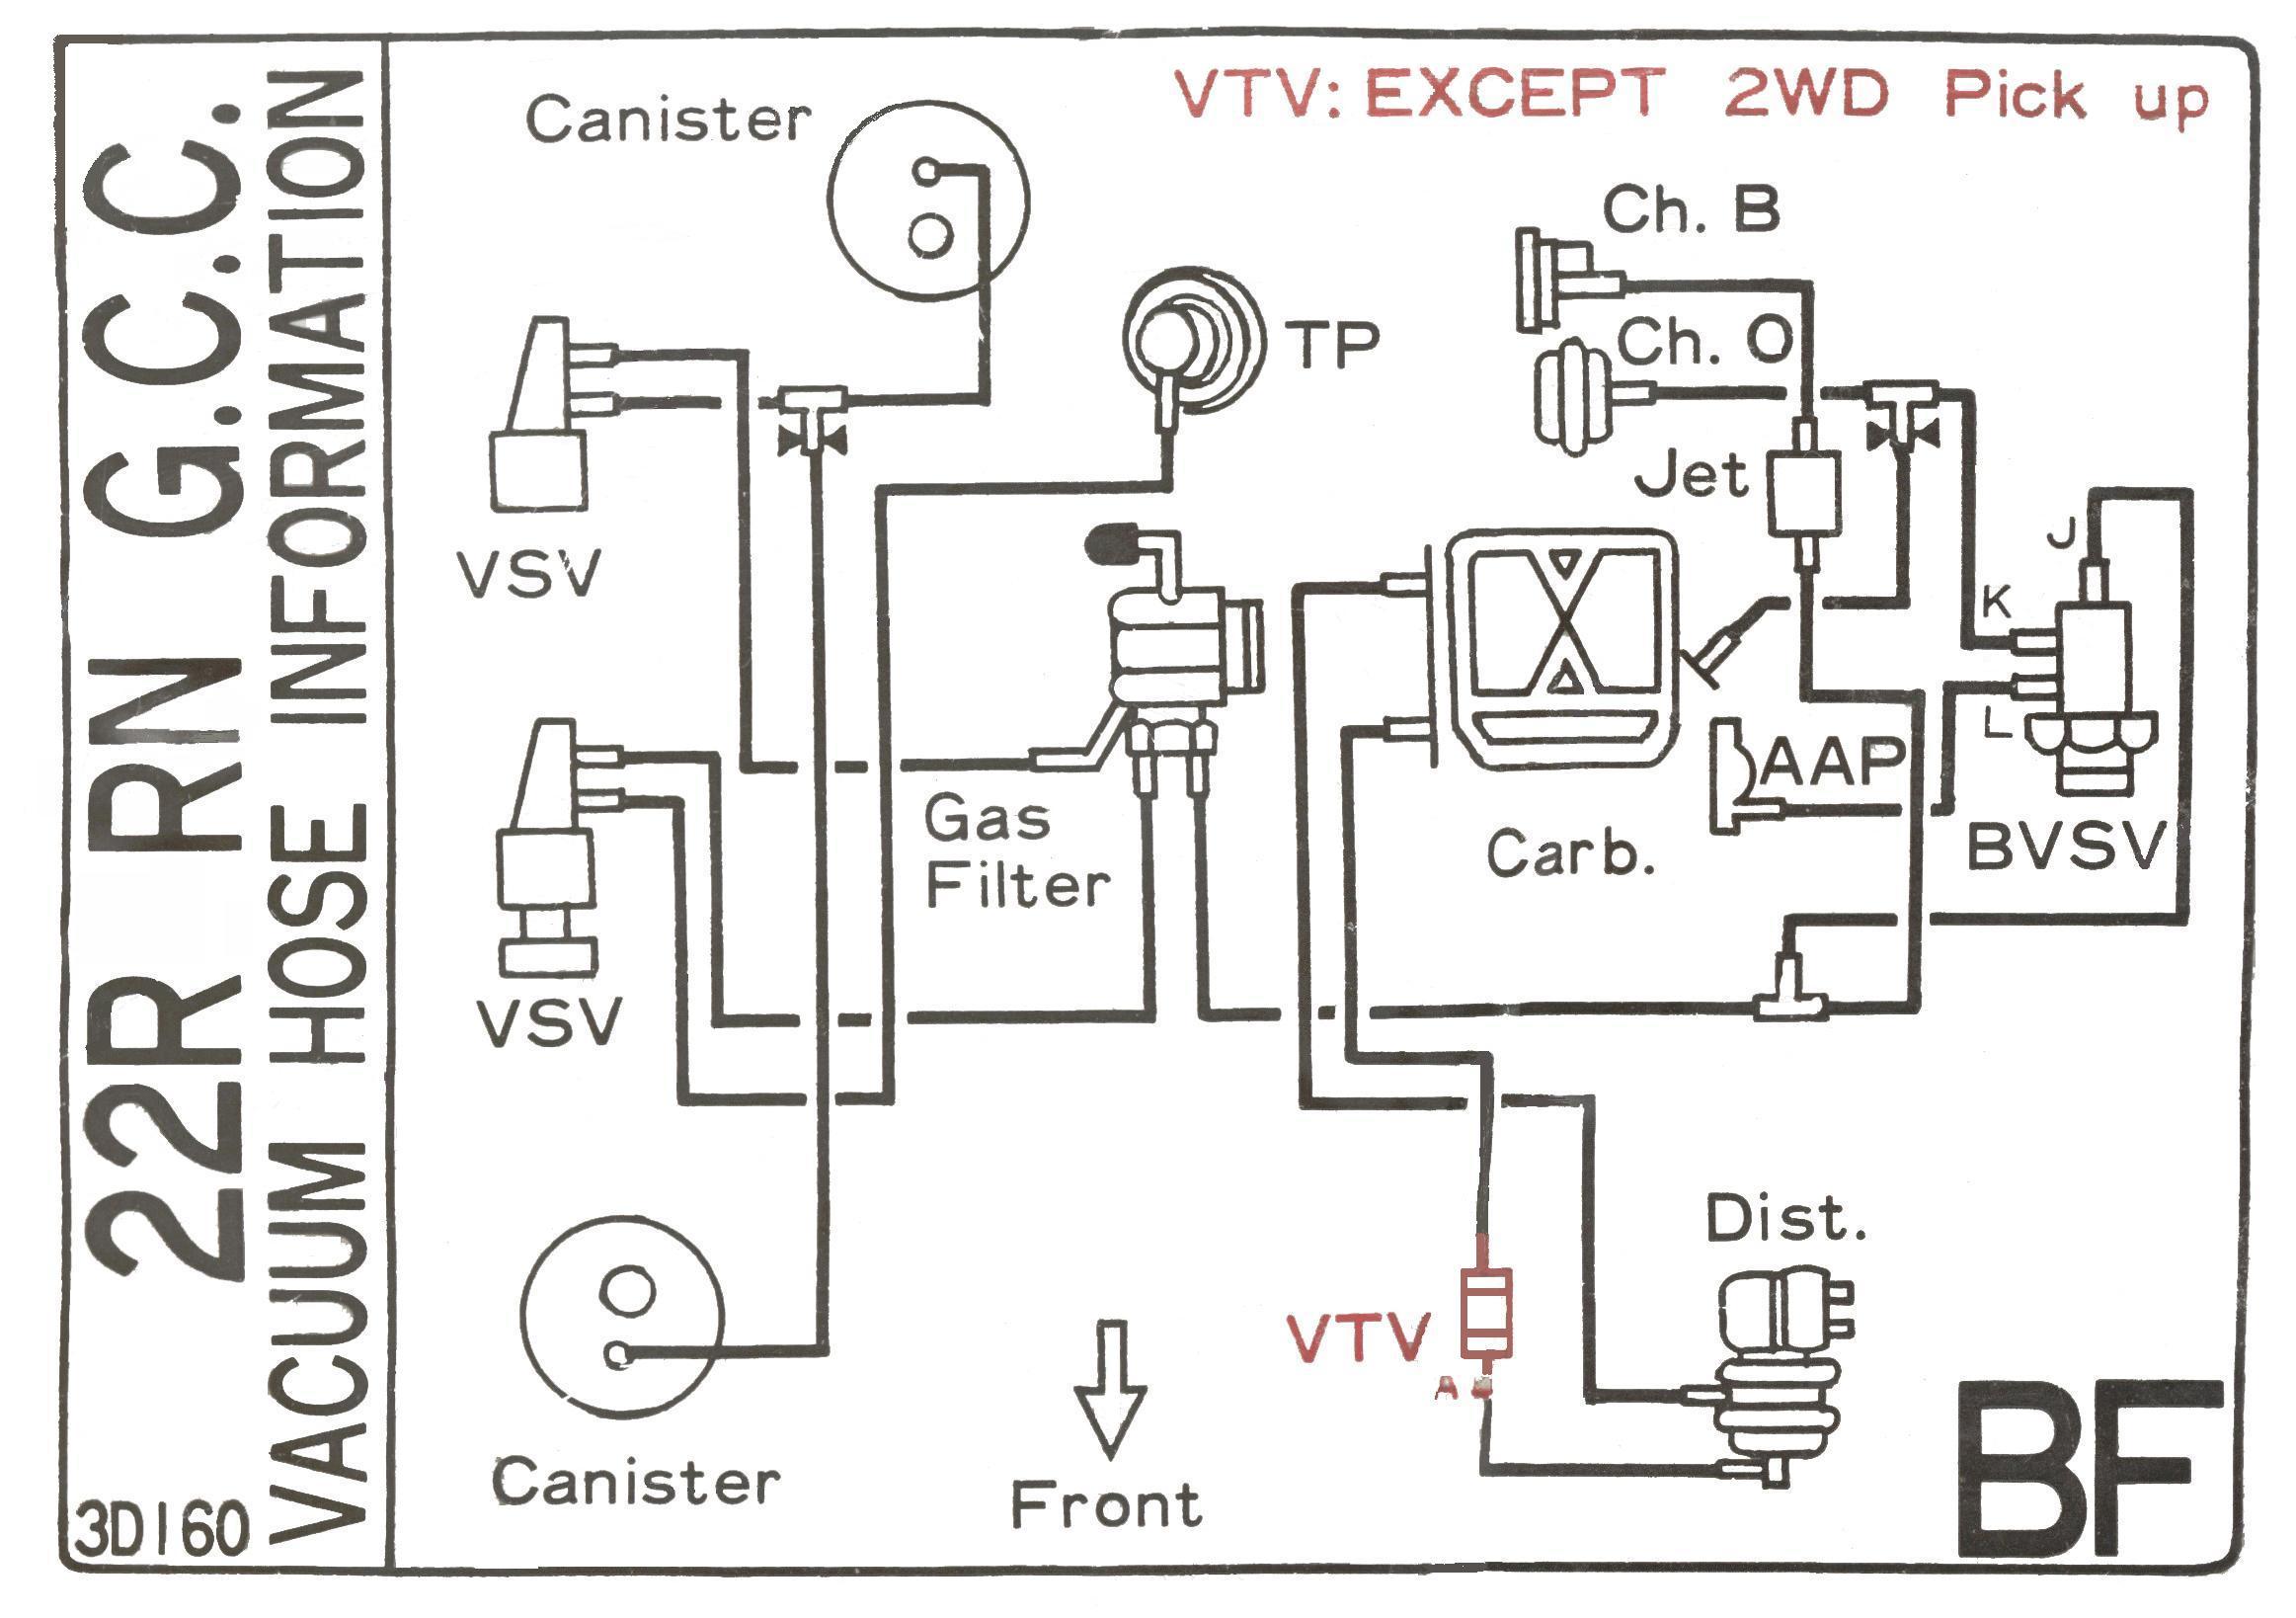 схема подключения вакуумных шлангов двигателя 3vz-e